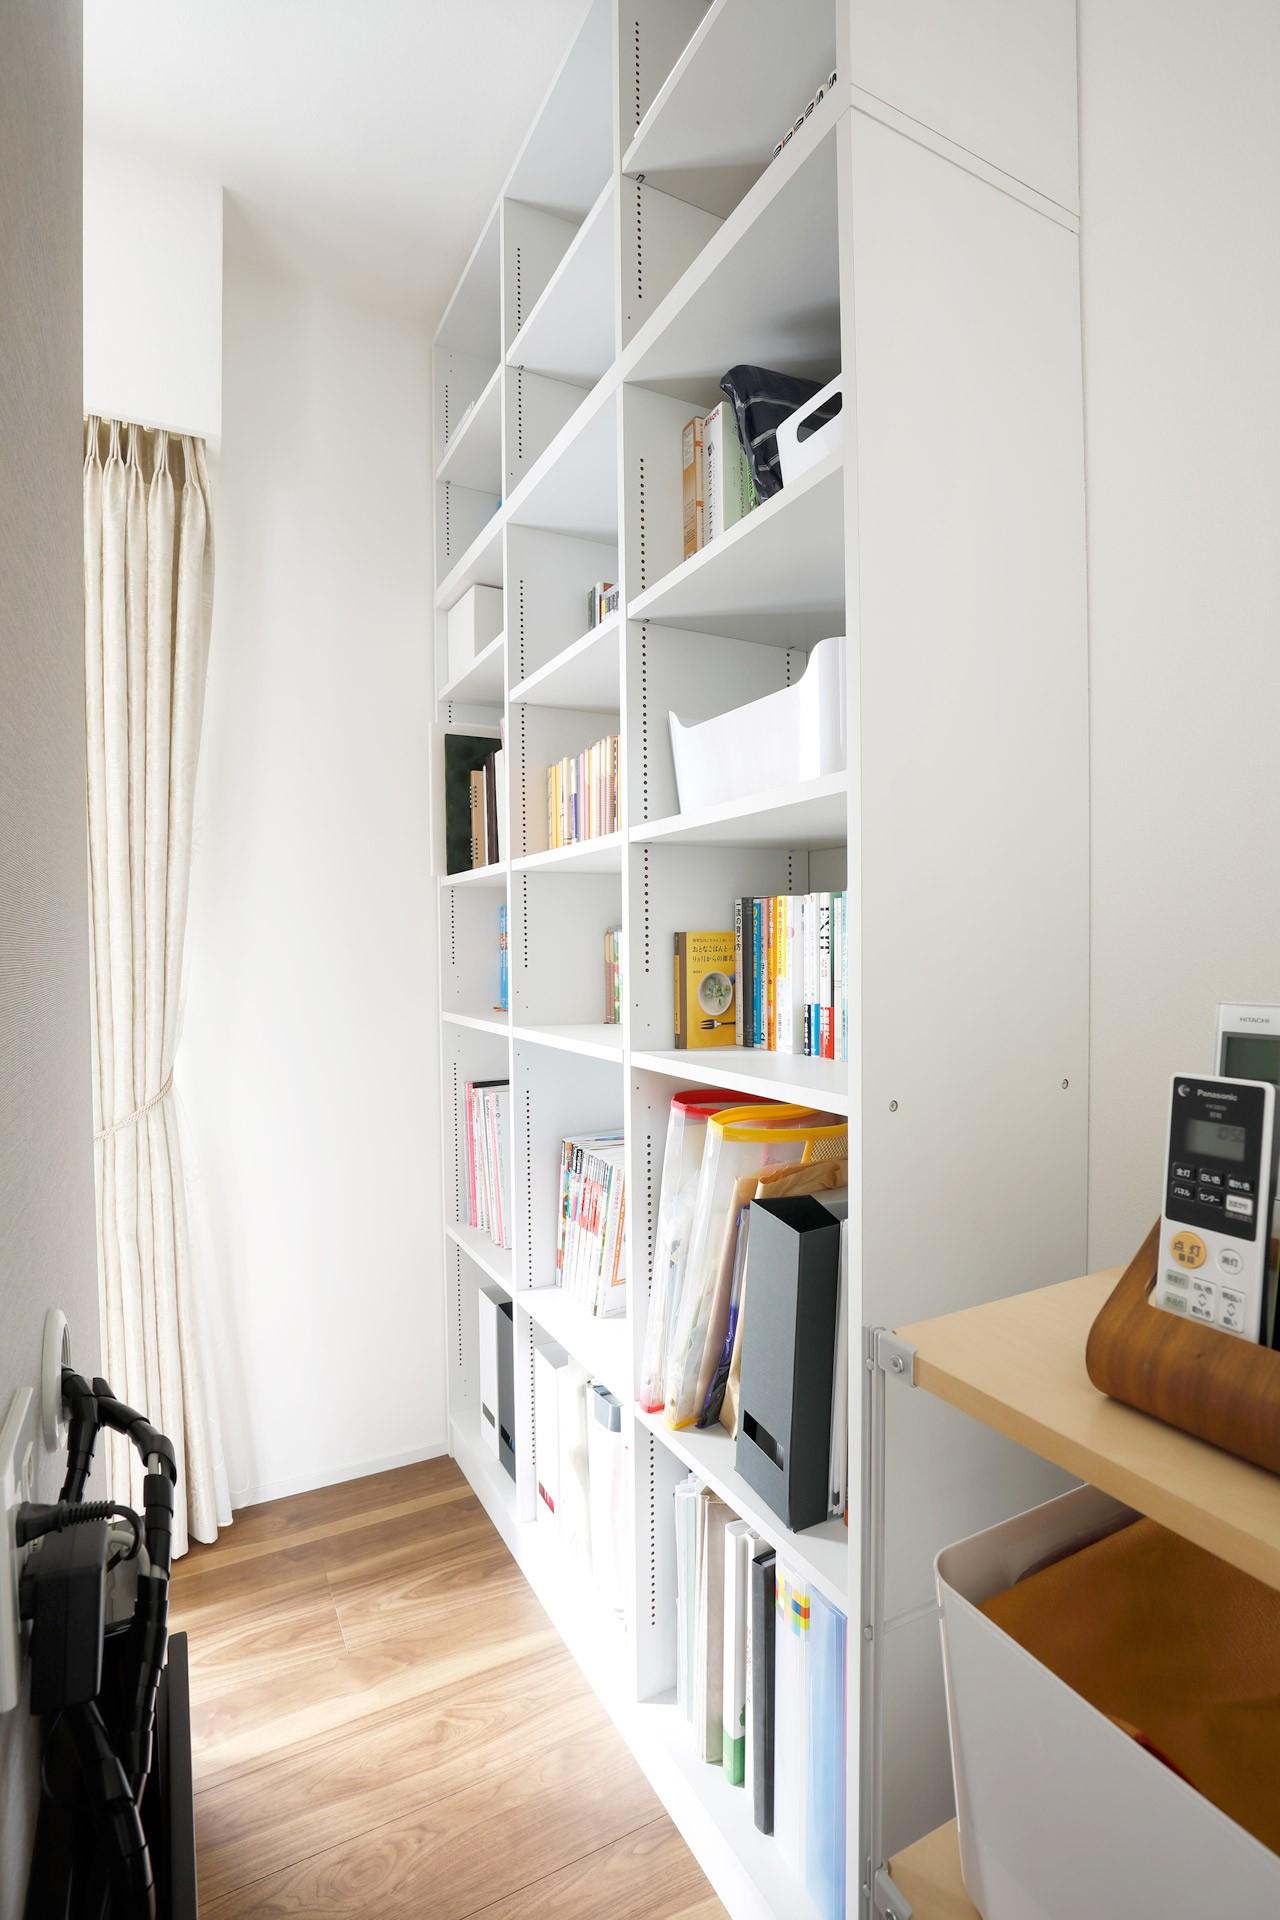 一見シンプルな住まいながら、来客には見えないオシャレにもこだわった家。 (テレビ後ろの収納スペース)